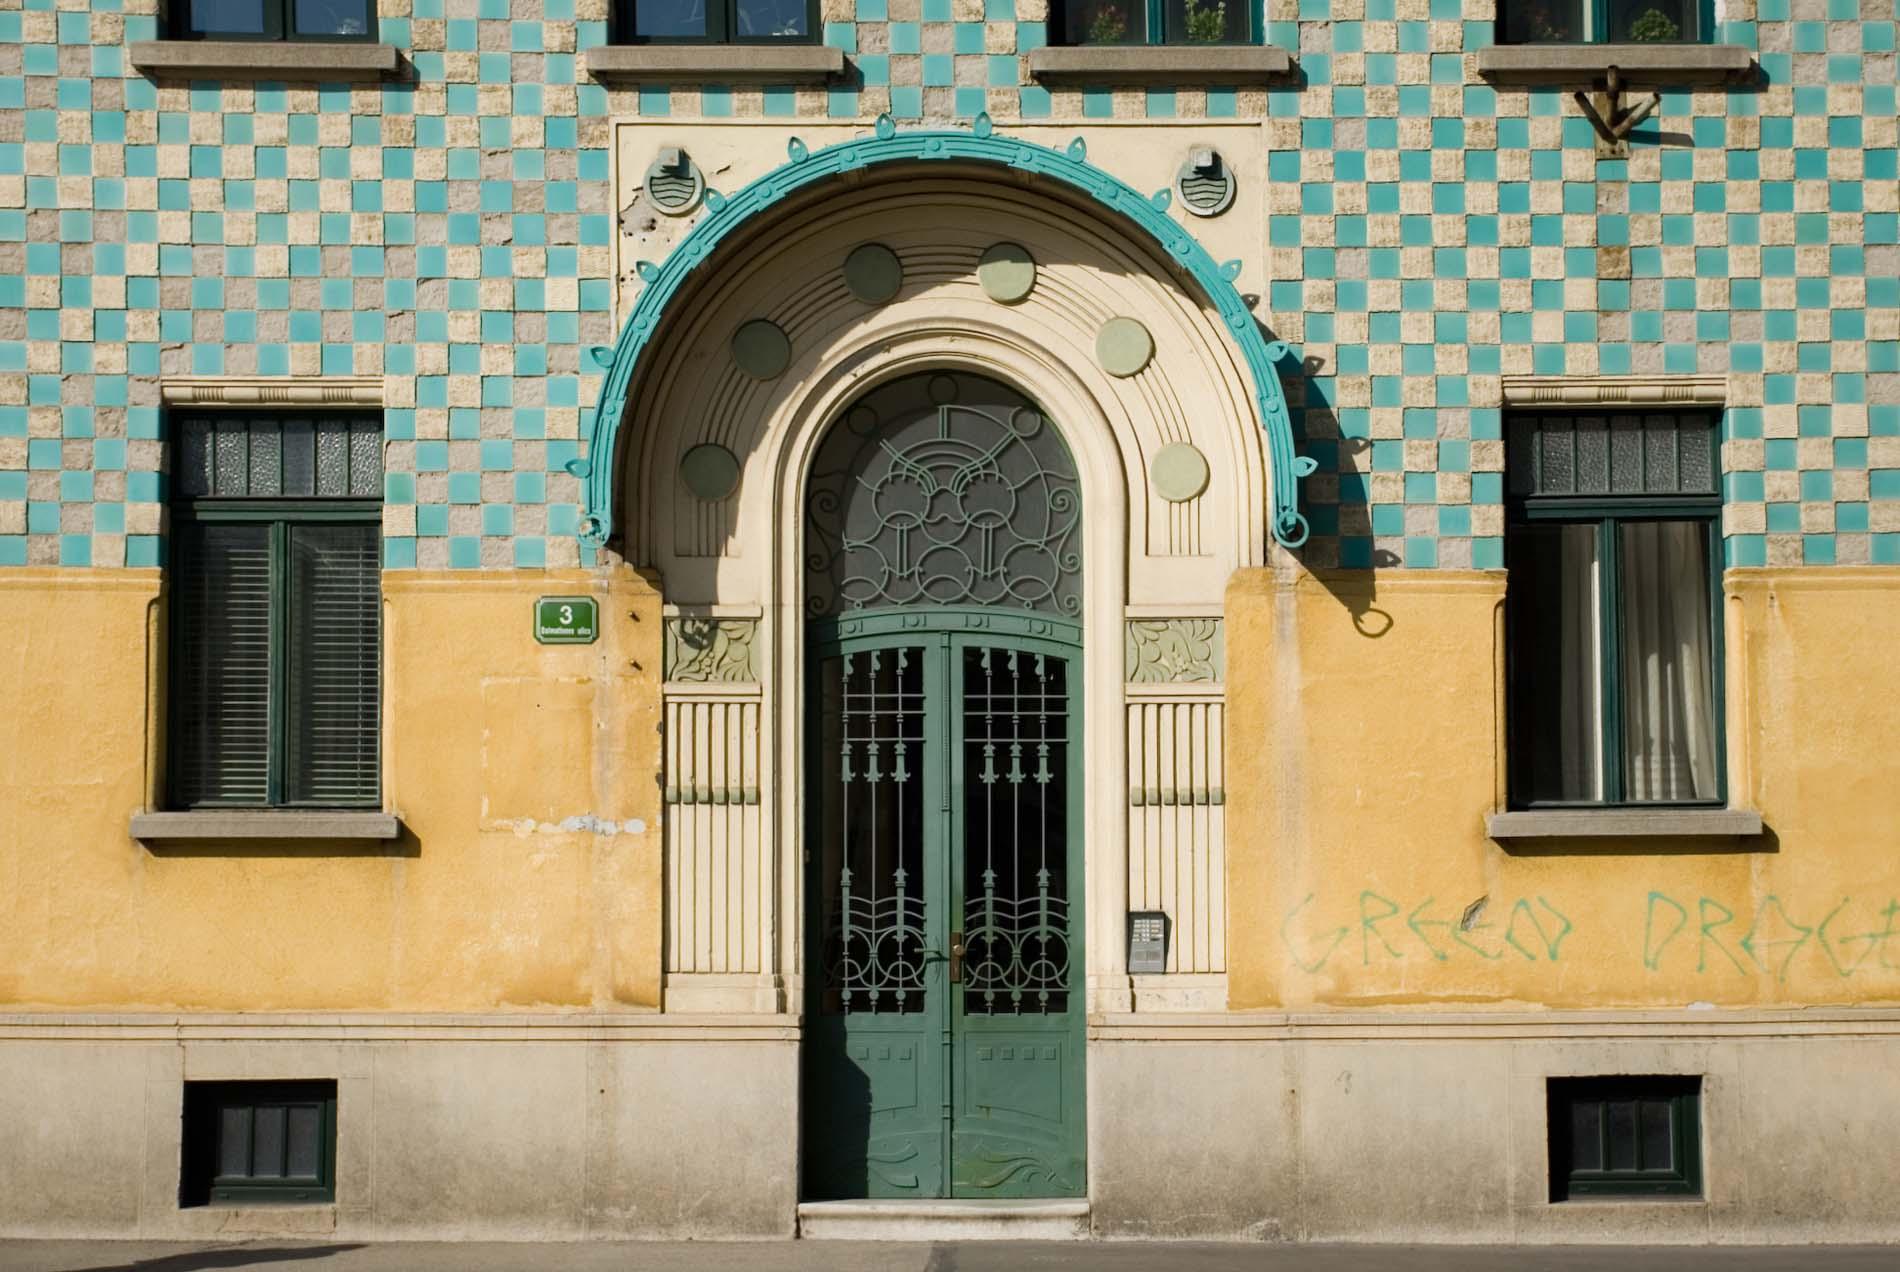 Spielerisch. Um die Wende vom 19. zum 20. Jahrhundert trat in Ljubljana ein neuer Architekturstil auf. Der Jugendstil ljubljanischer Prägung stand unter dem Einfluss der Wiener Sezession. Das Gebäude ist in der Dalmatinova ulica.